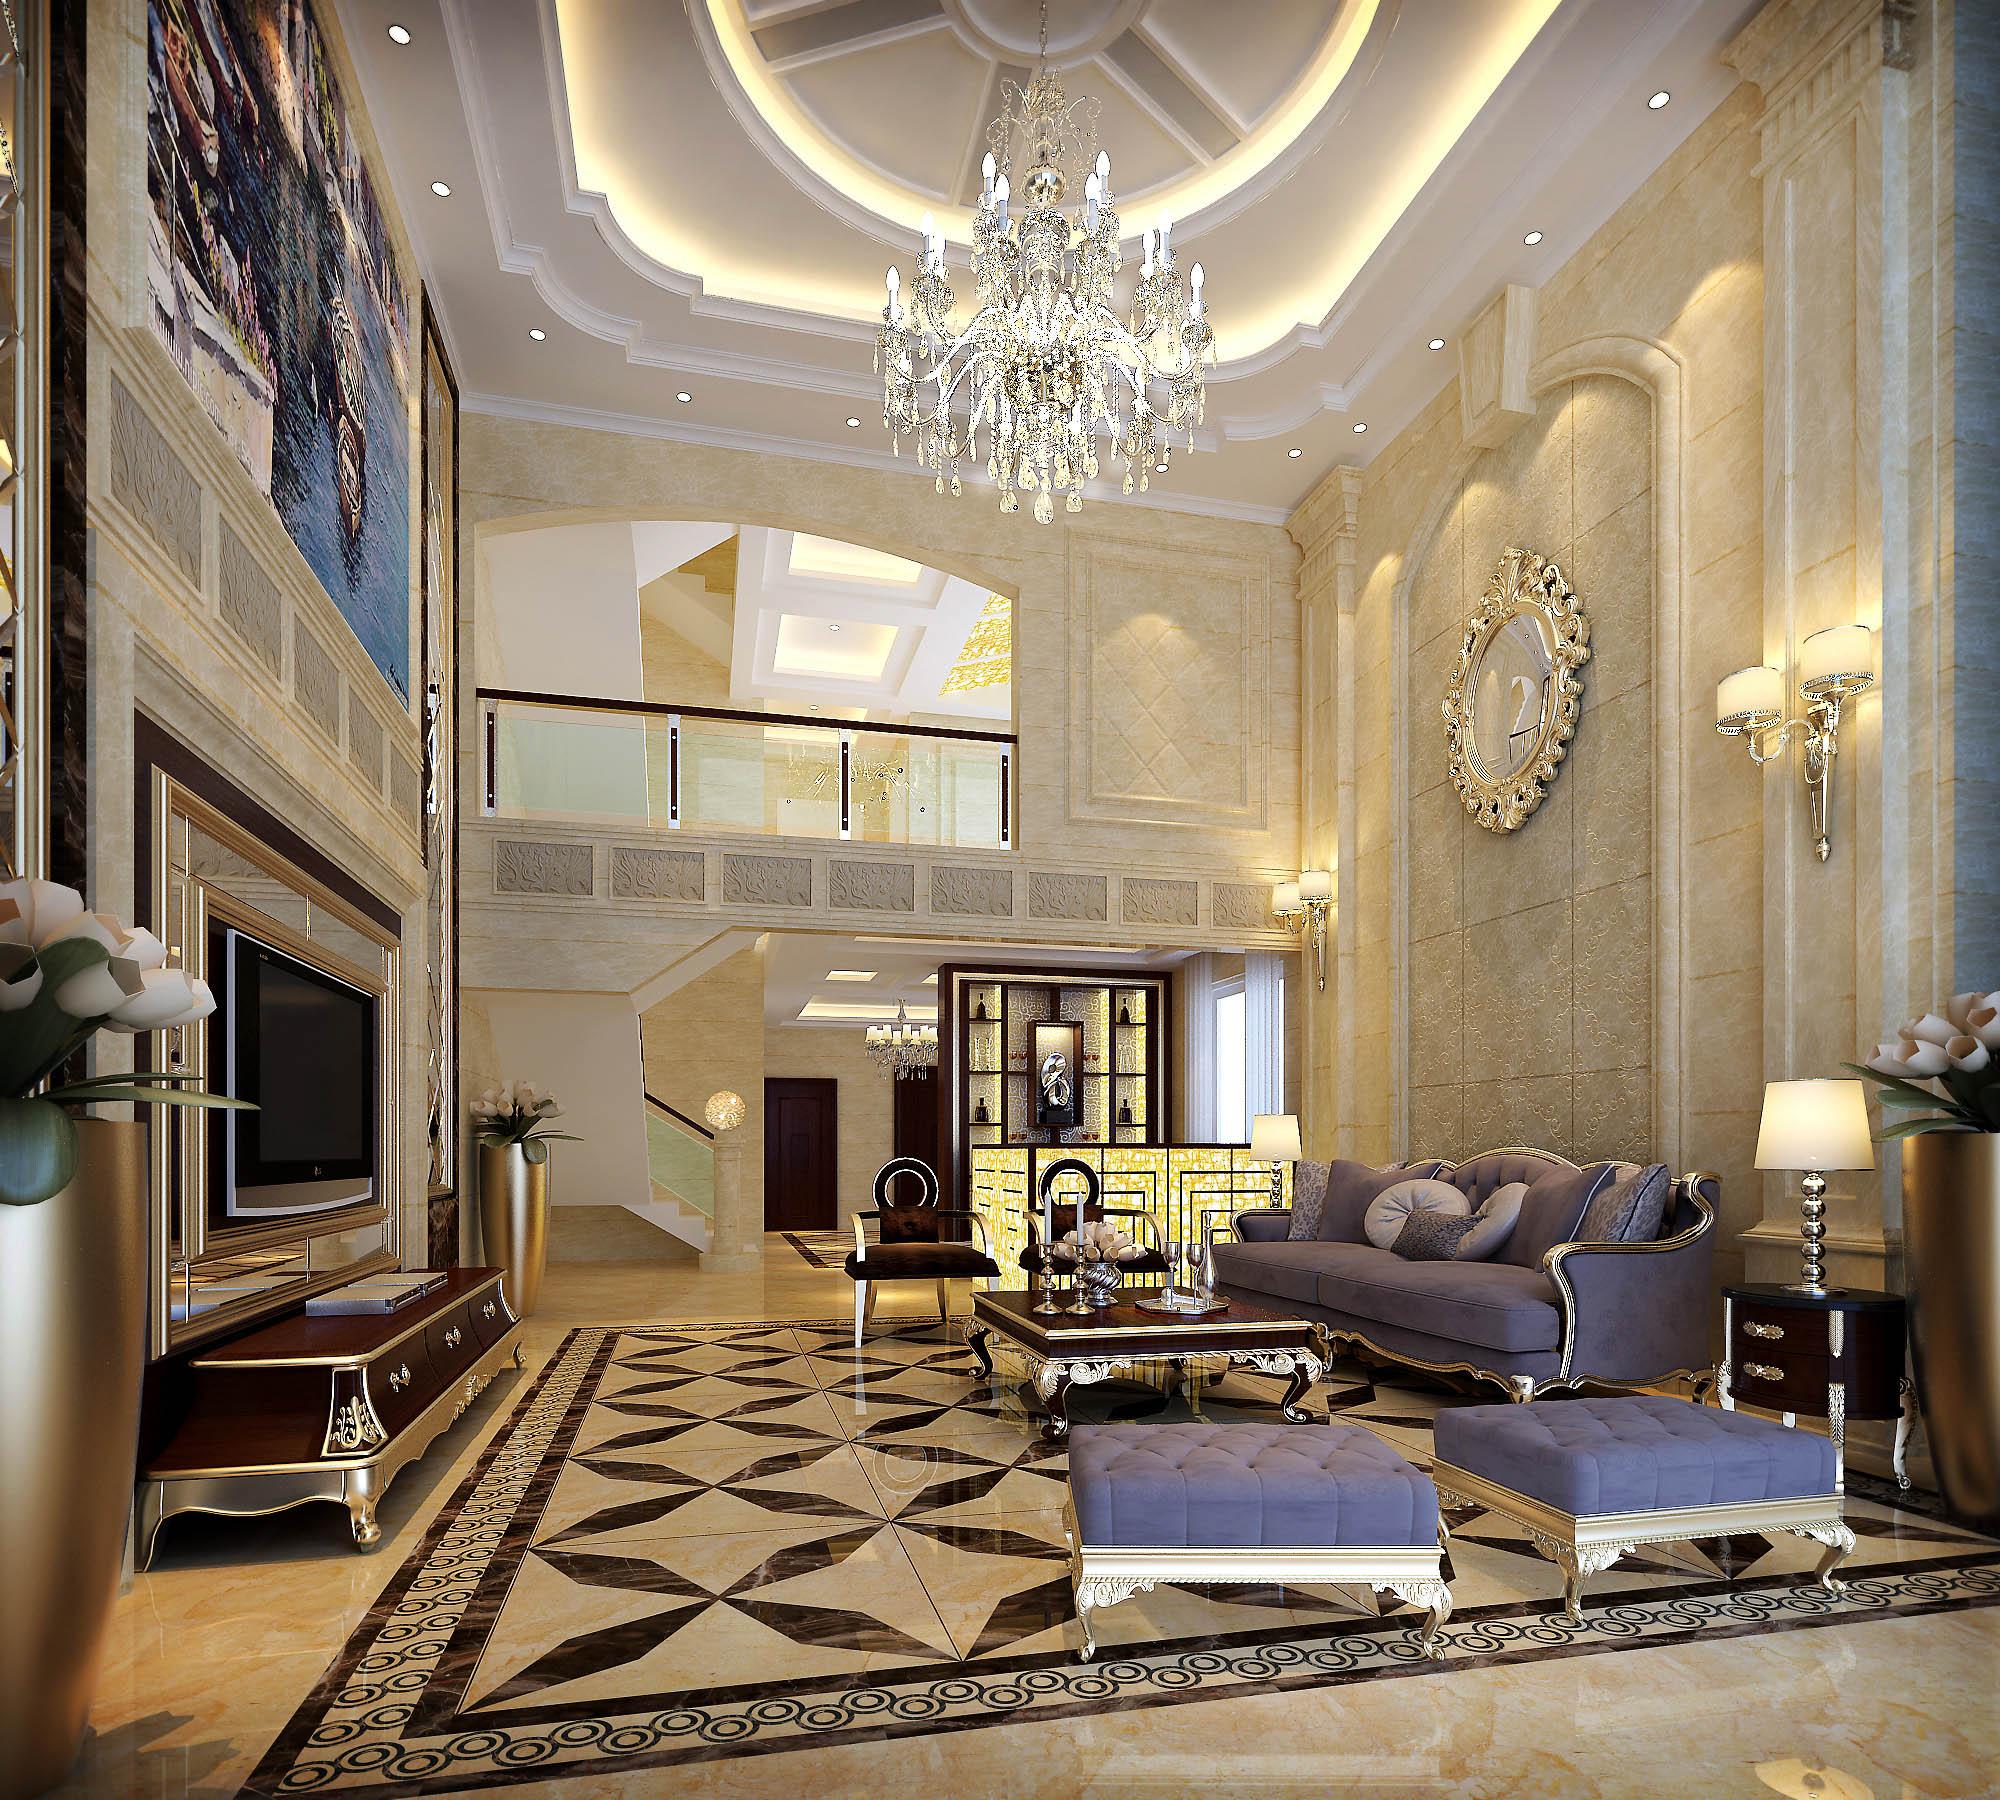 别墅欧式豪华客厅装修效果图图片